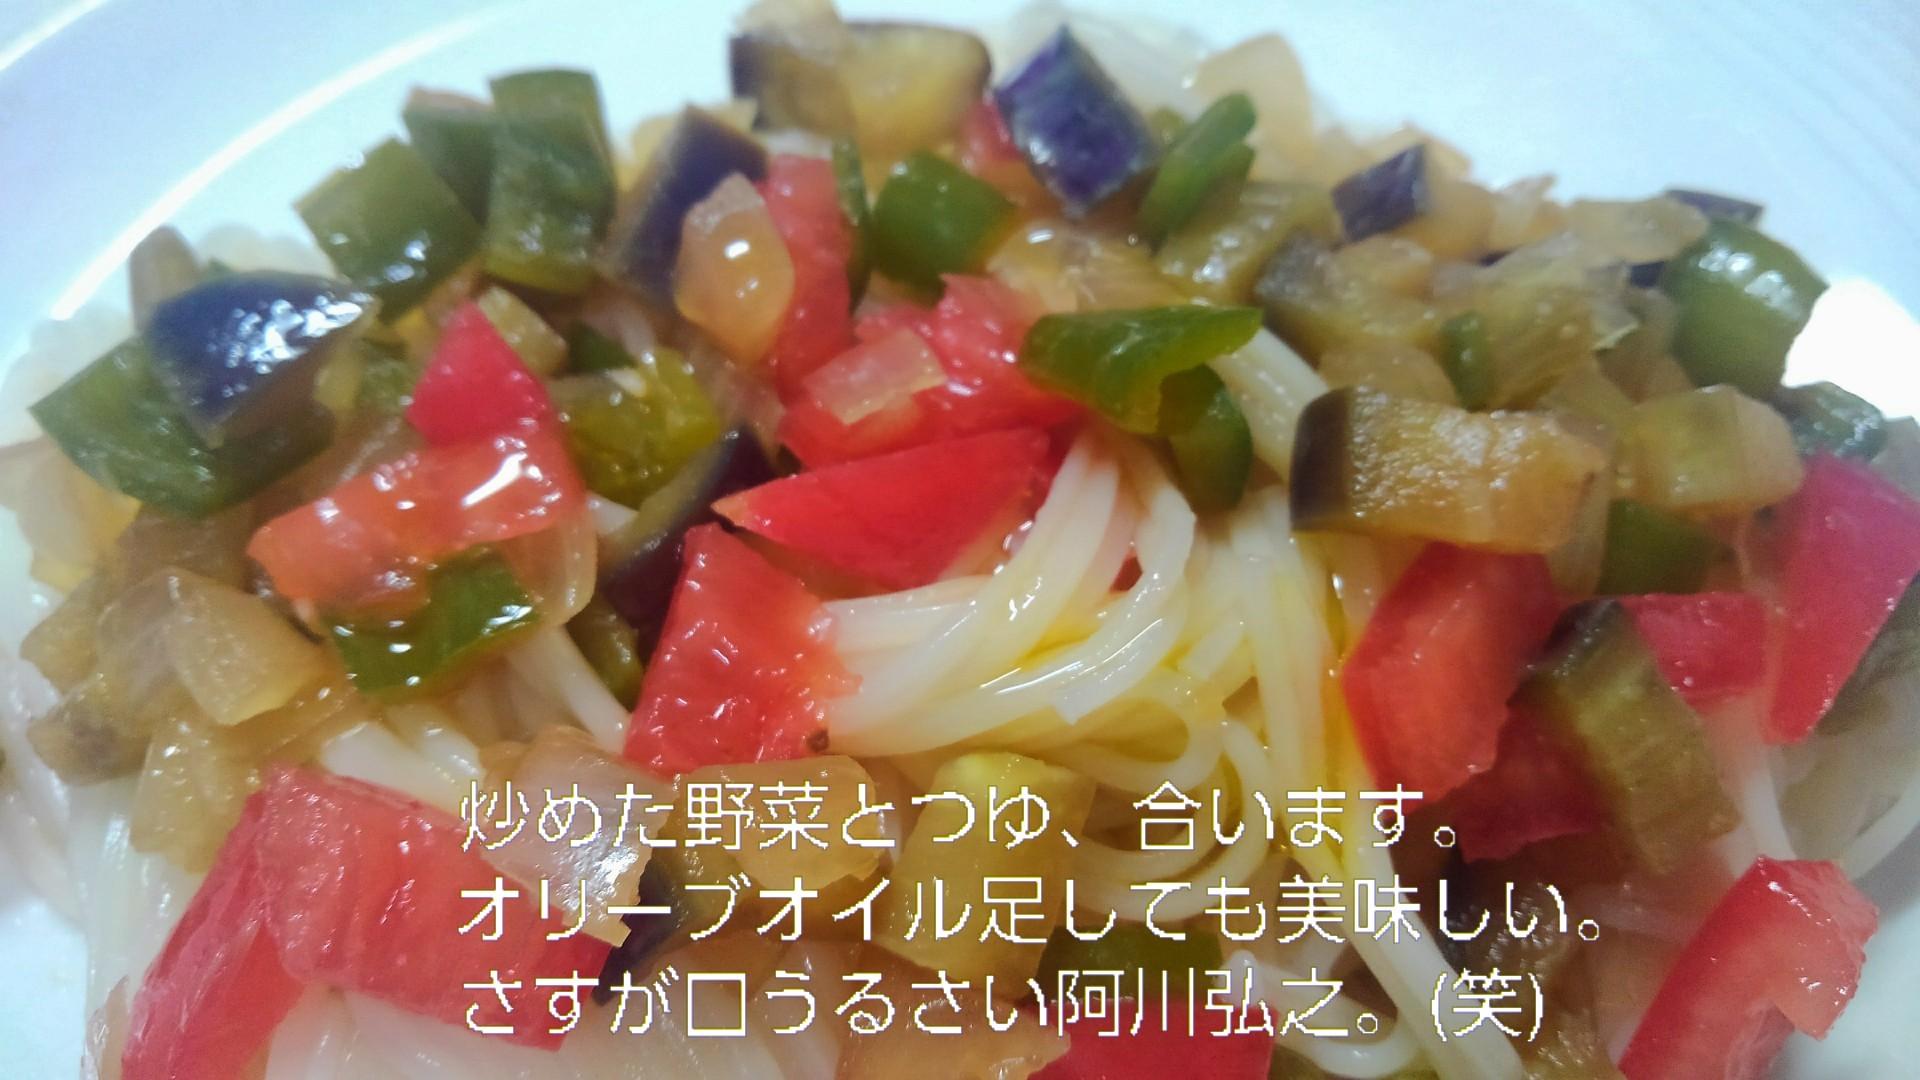 半田素麺、文士の真似スタイル_b0339522_05082396.jpg